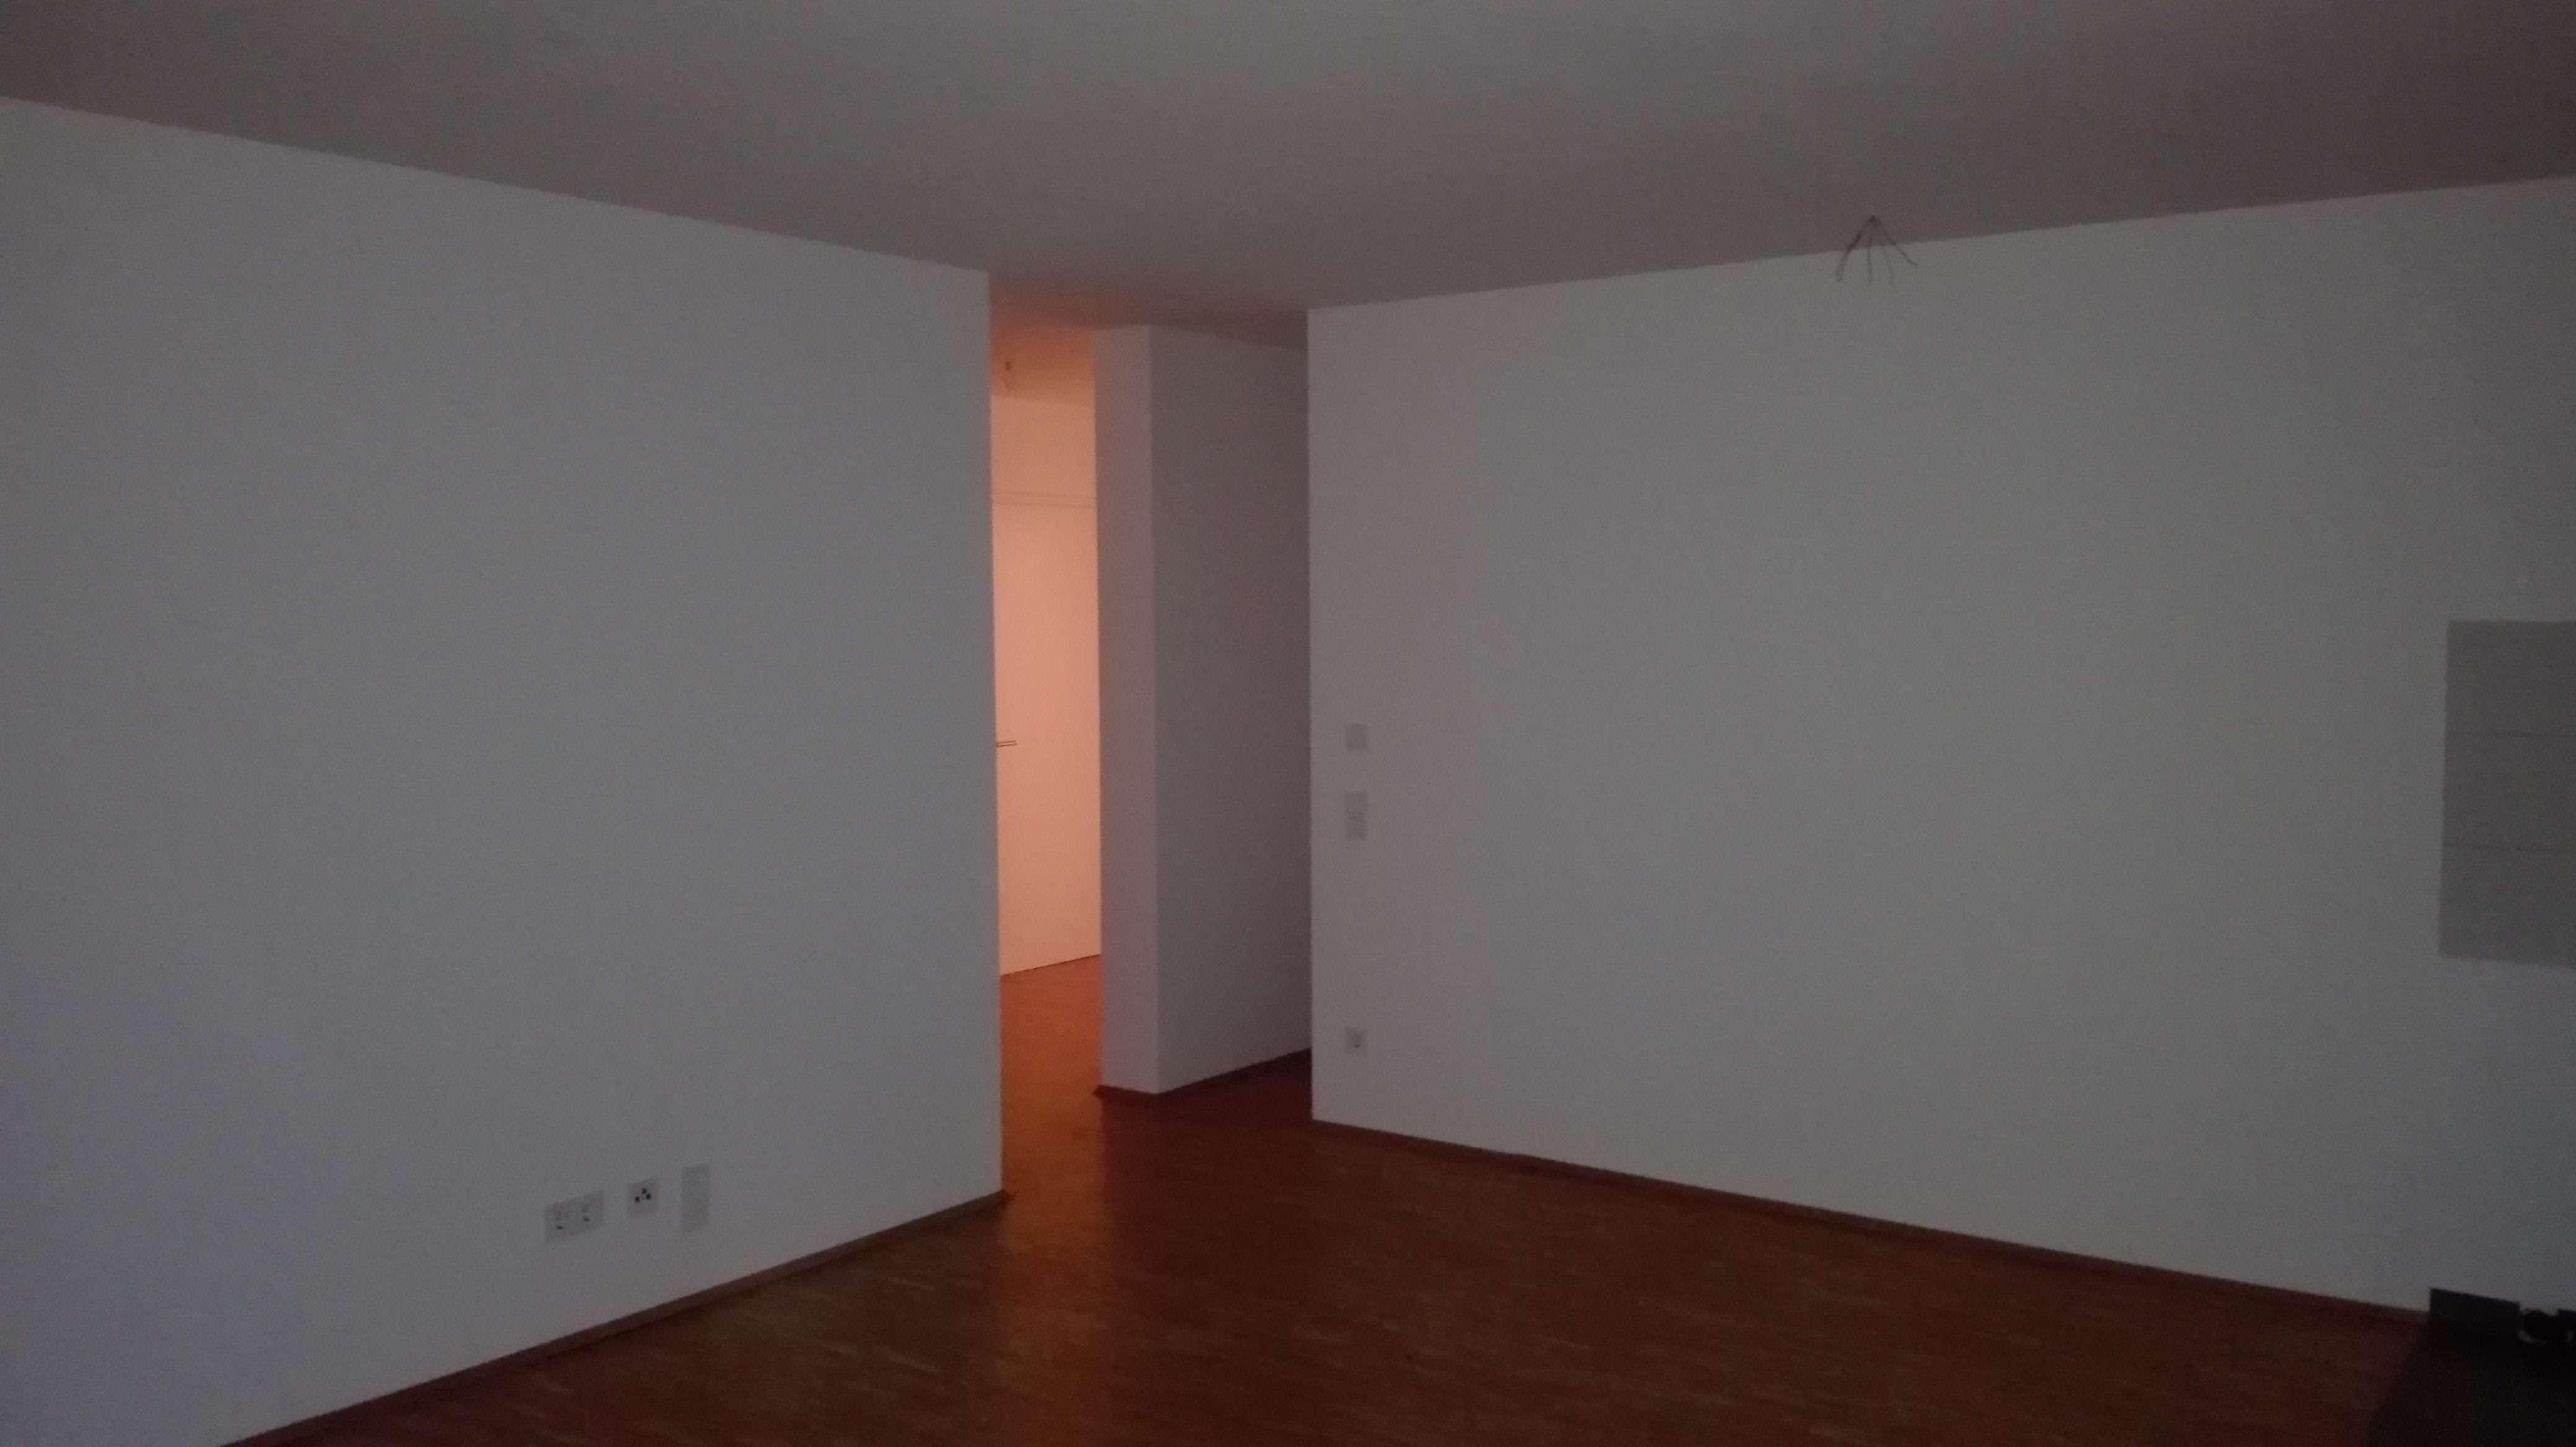 Schöne drei Zimmer Wohnung in Erlangen, Erlangen - Zentrum in Erlangen - Zentrum (Erlangen)